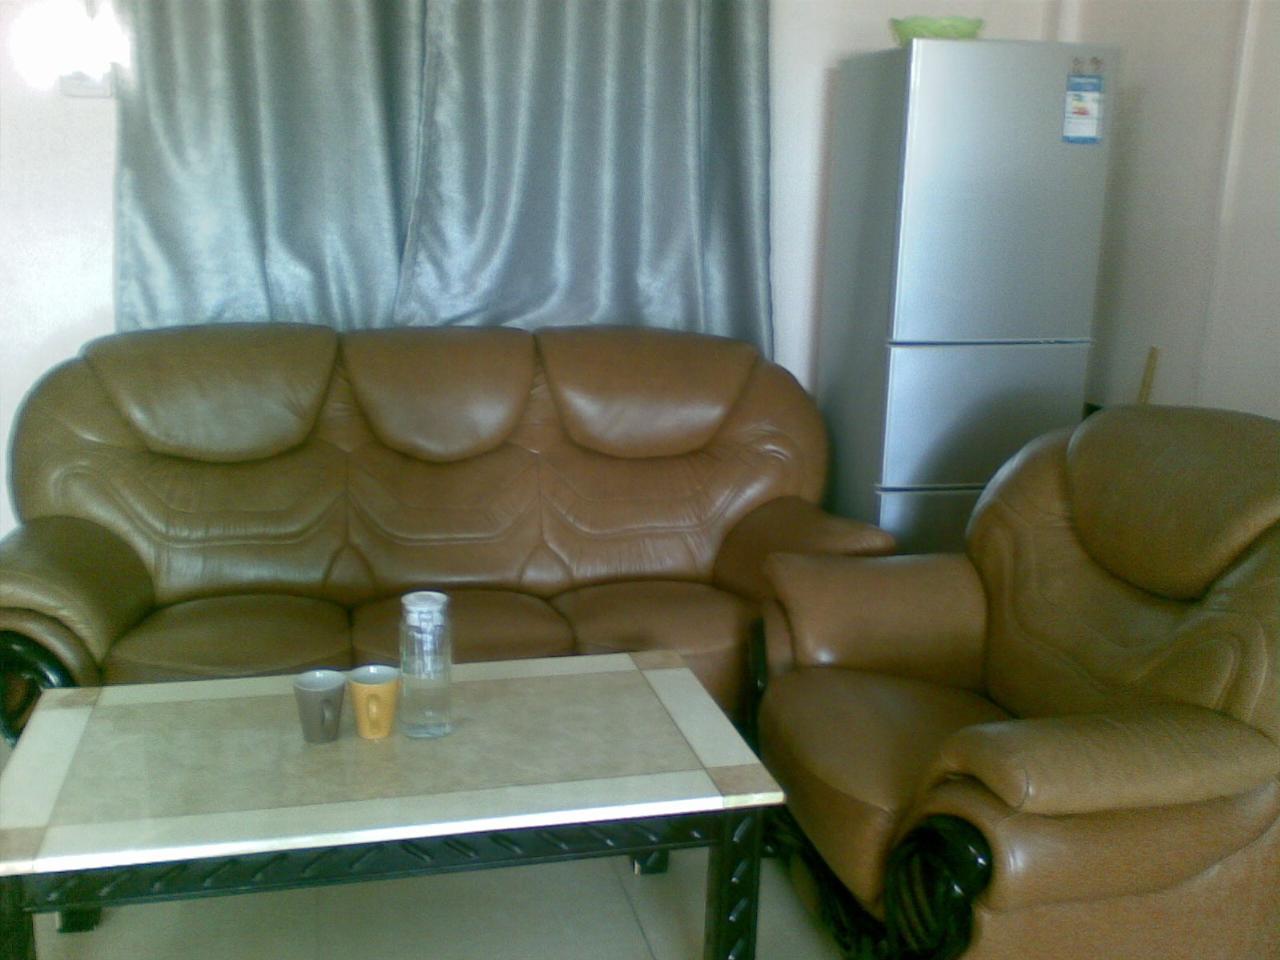 个人闲置棕色实木头层真皮沙发套装低价出售-儋州